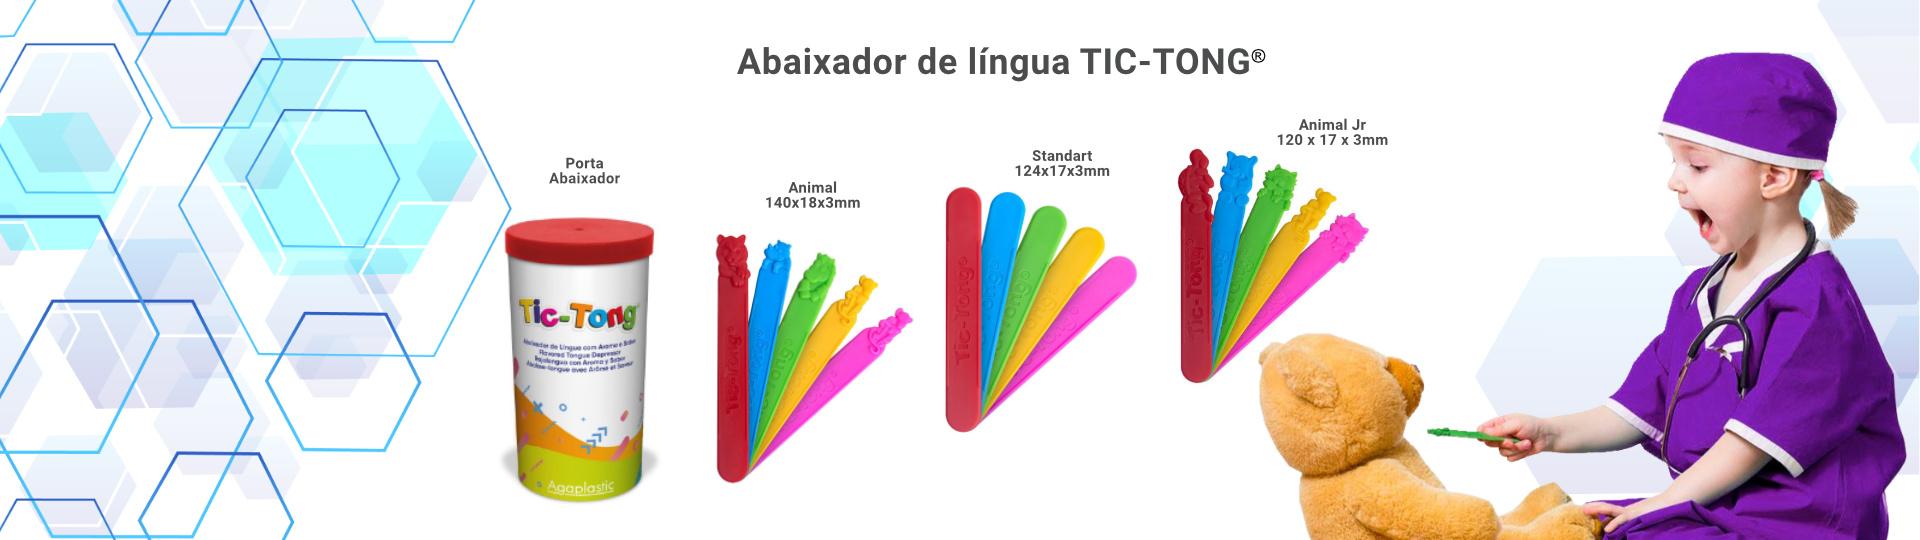 Abaixador de Língua Tic-Tong